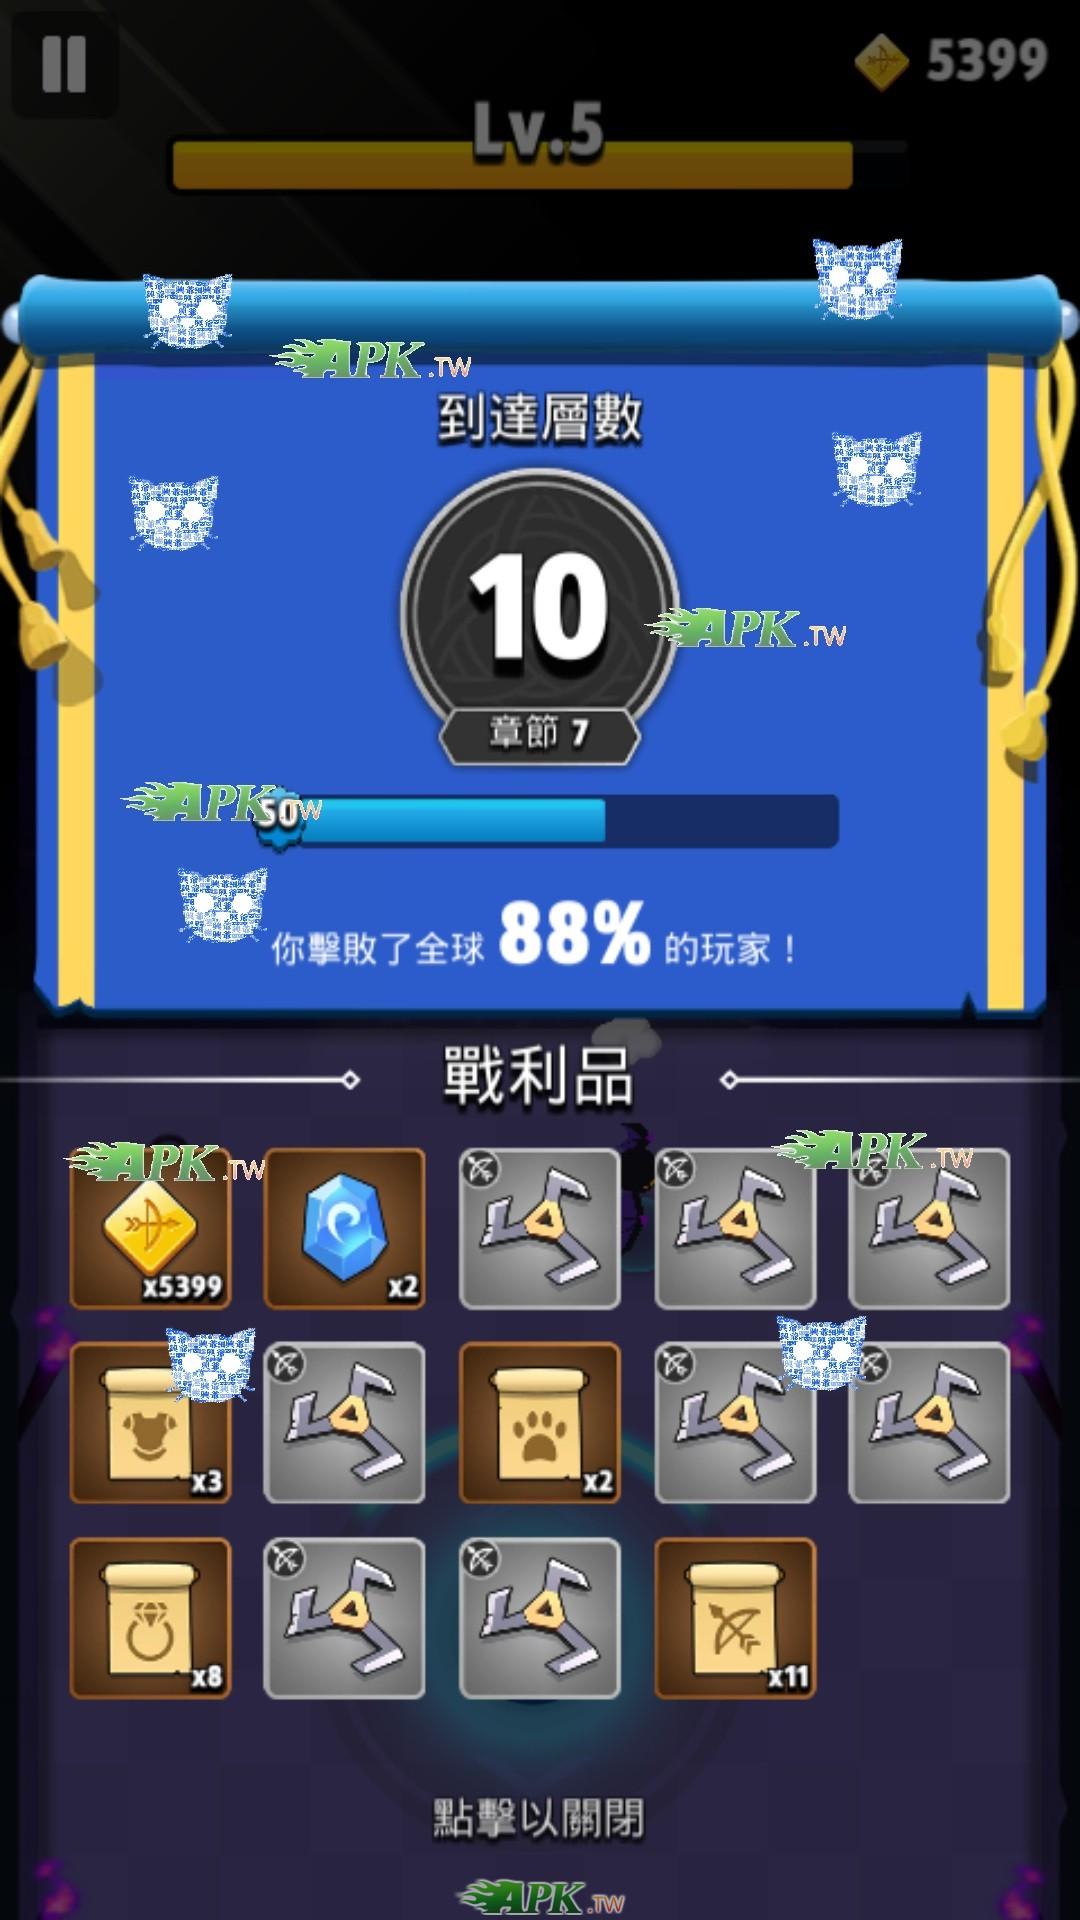 Screenshot_2019-11-24-15-23-42.jpg